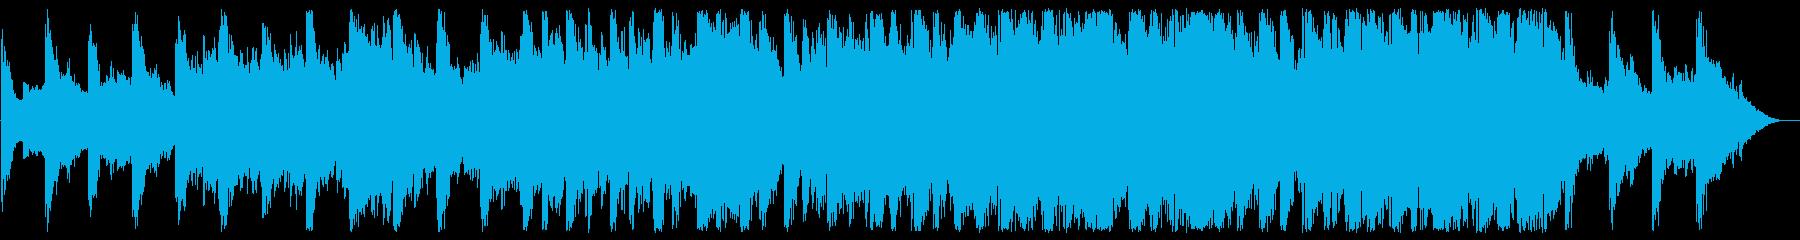 清らかなハープが印象的なBGMの再生済みの波形